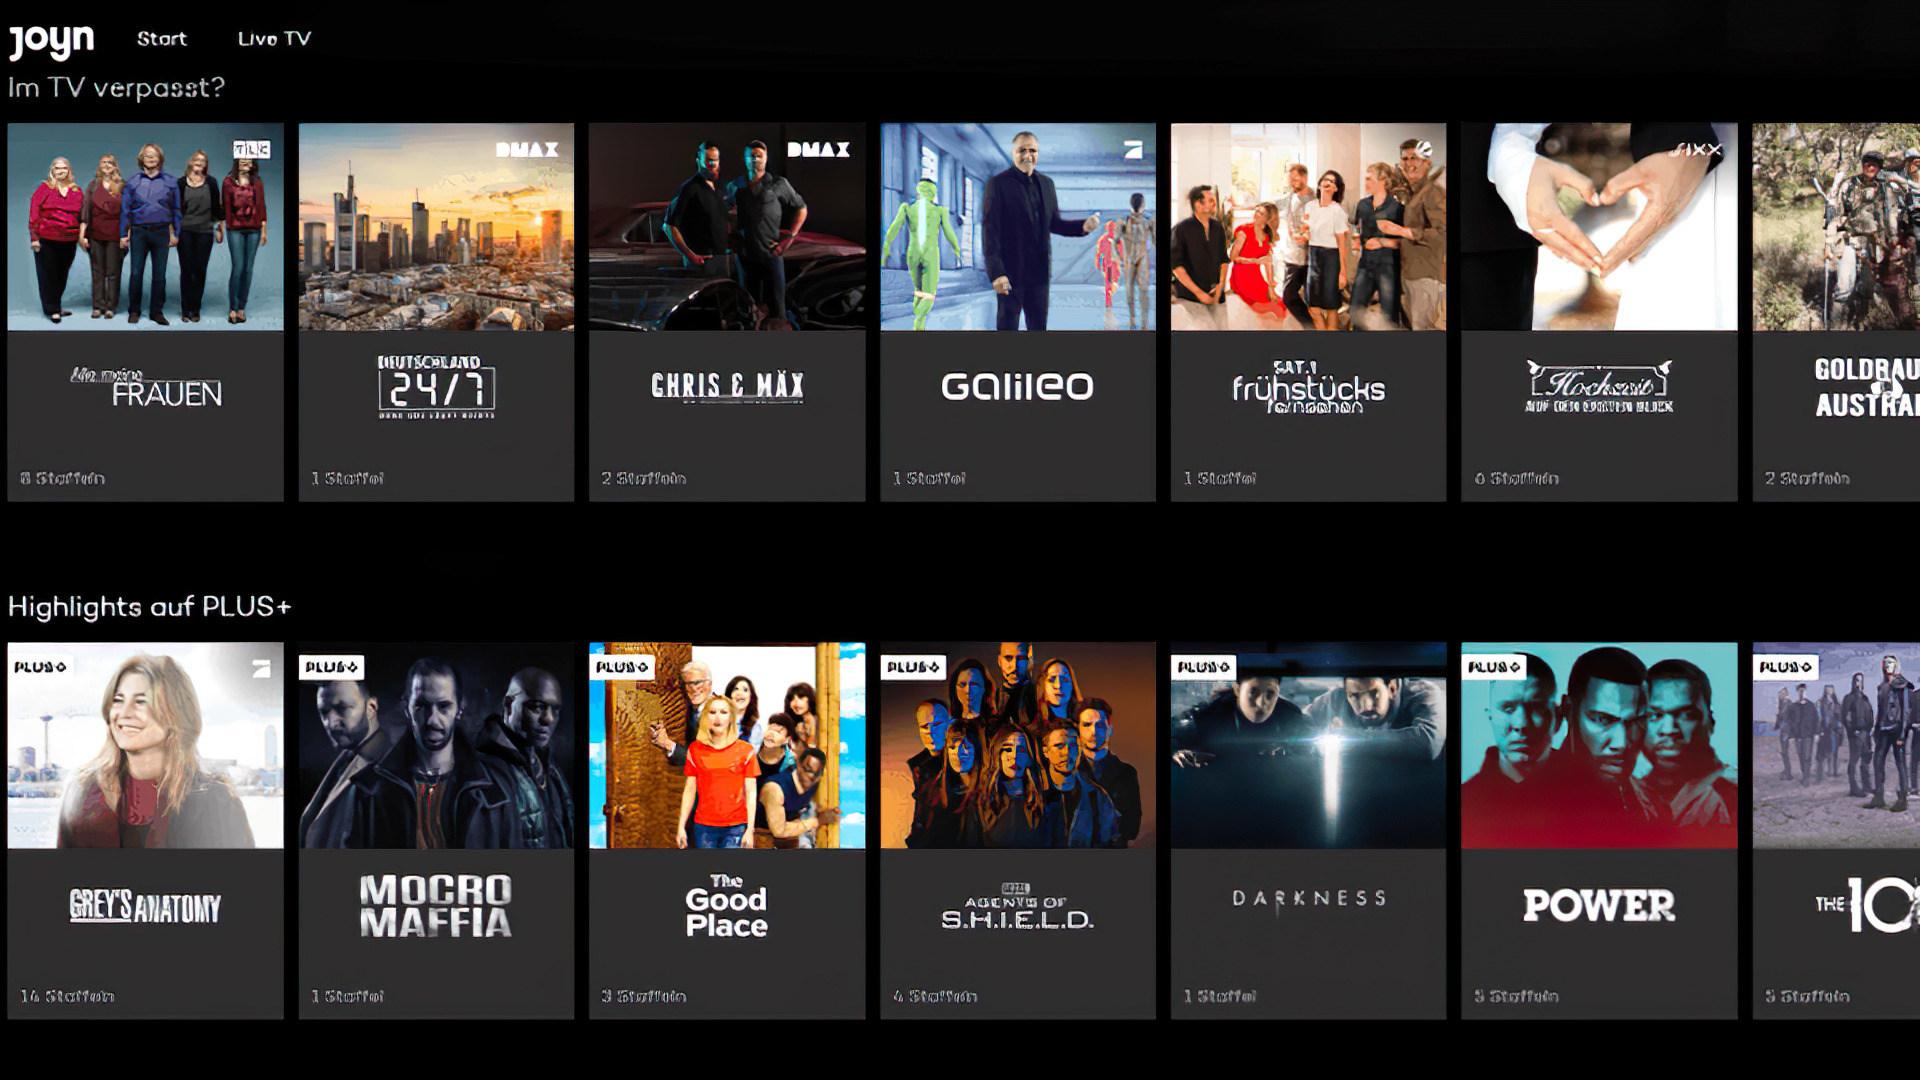 Streaming, Streamingportal, ProSiebenSat.1, Joyn, Joyn Plus+